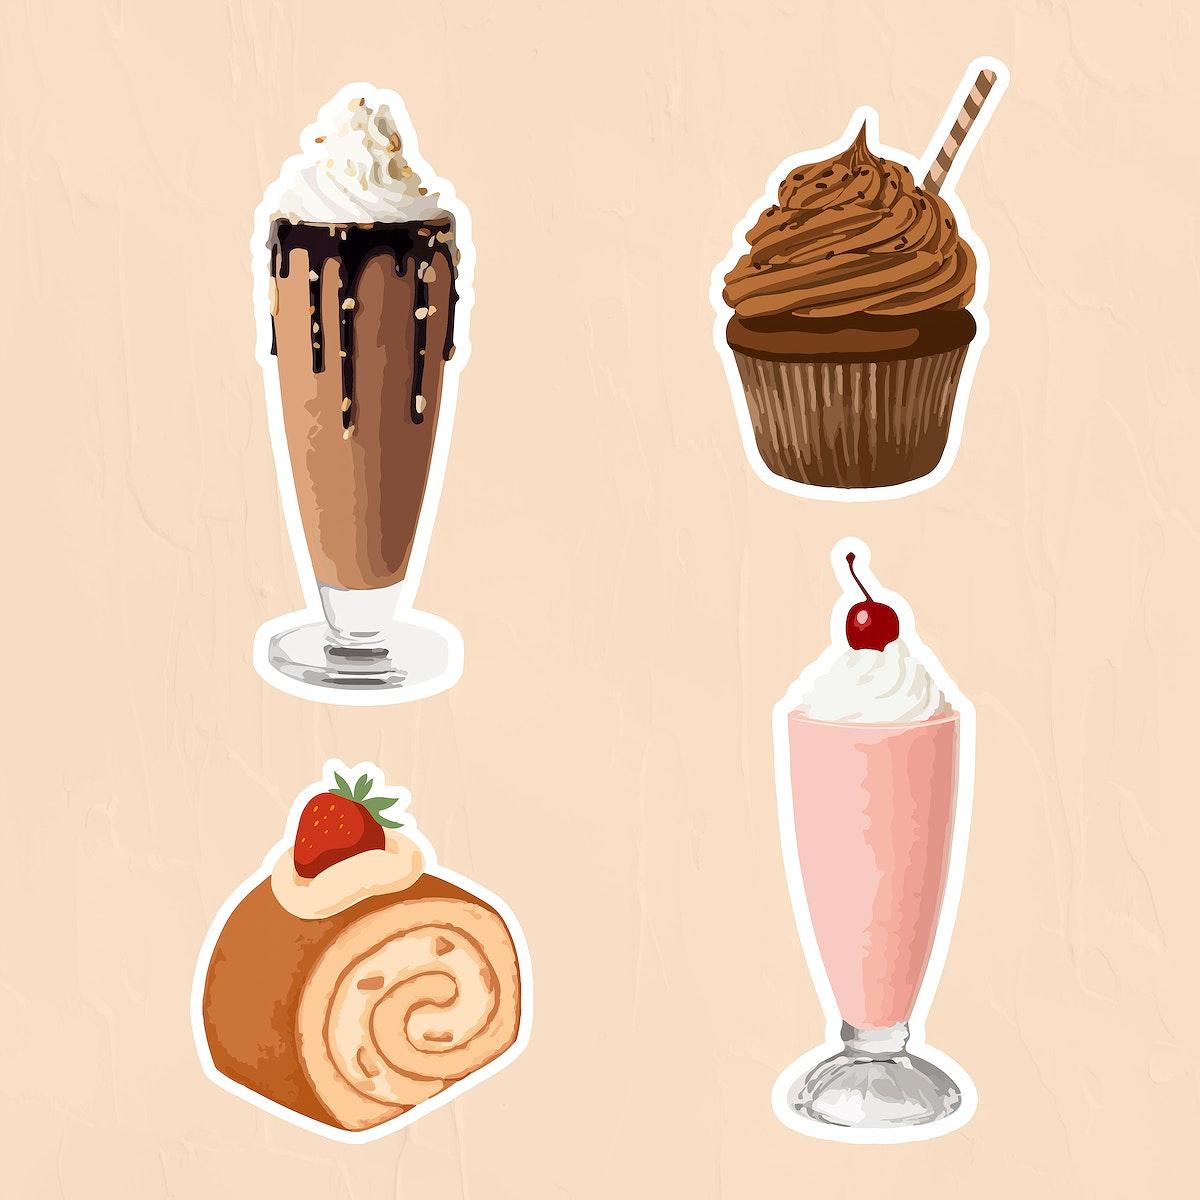 Vectorized dessert sticker overlay set design resources